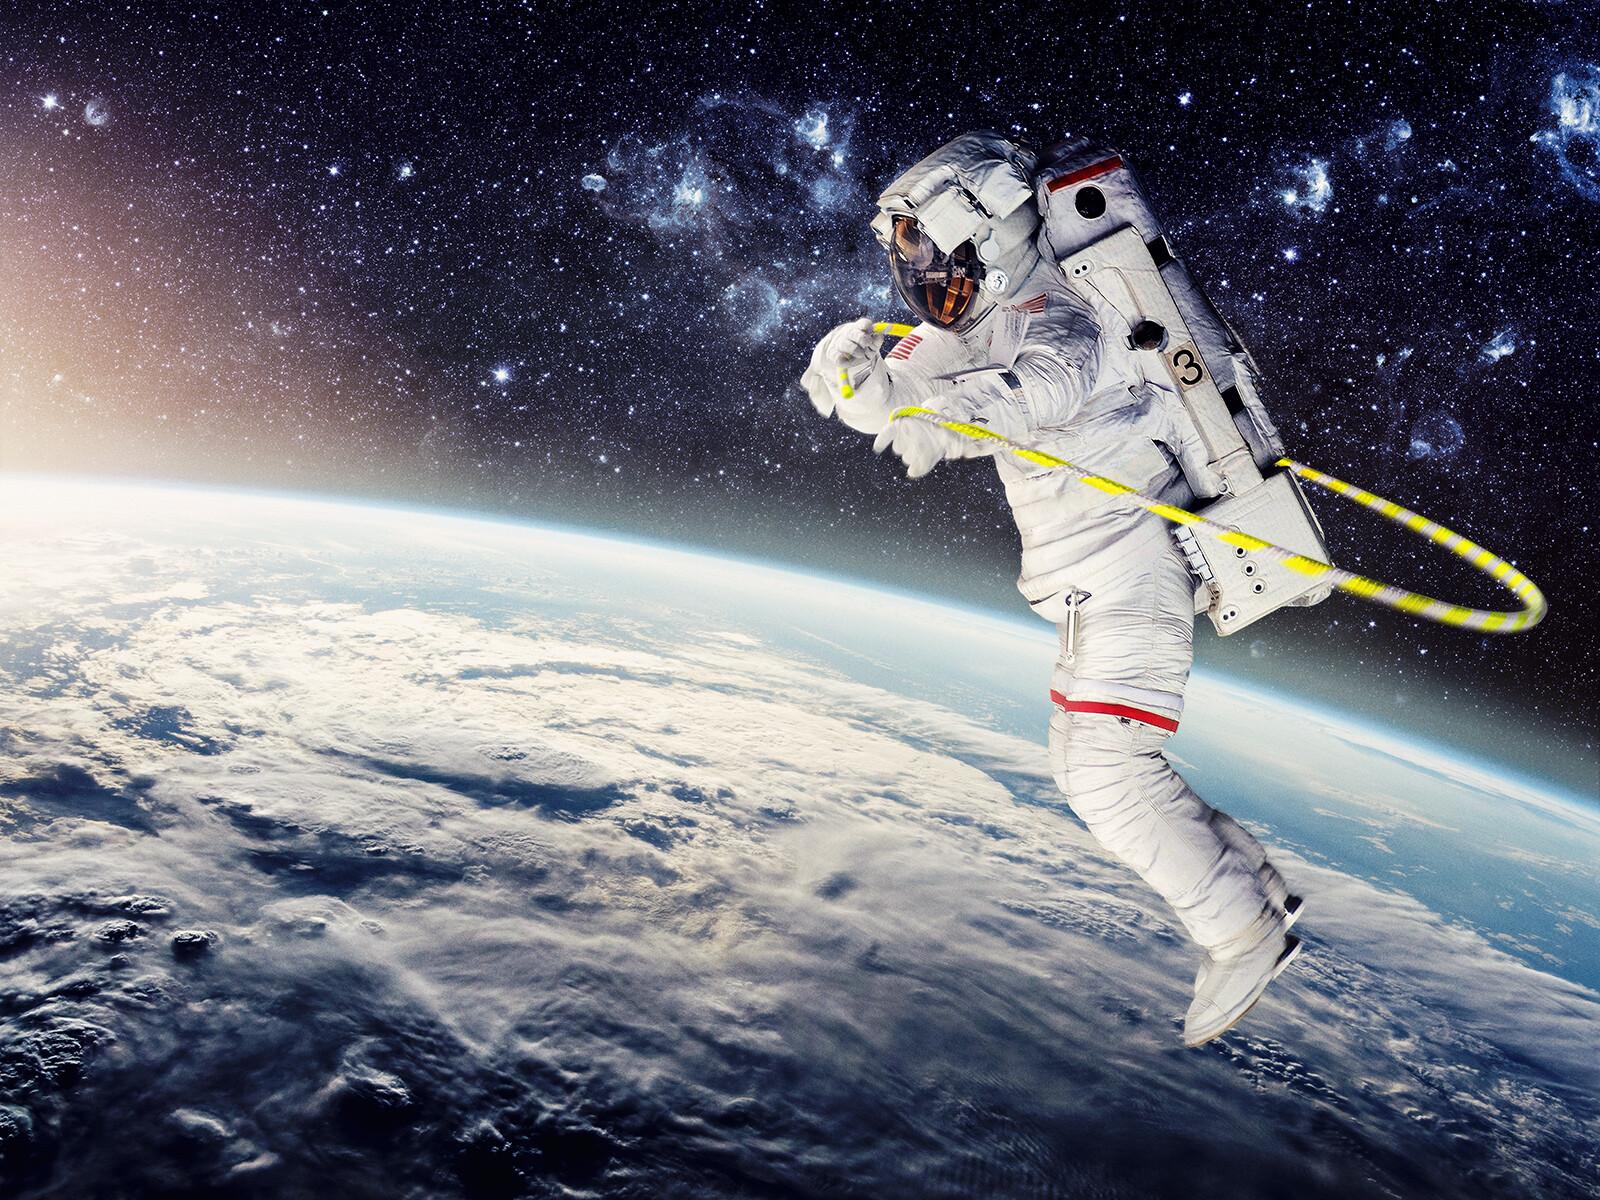 Astronaut II - Jirko Bannas